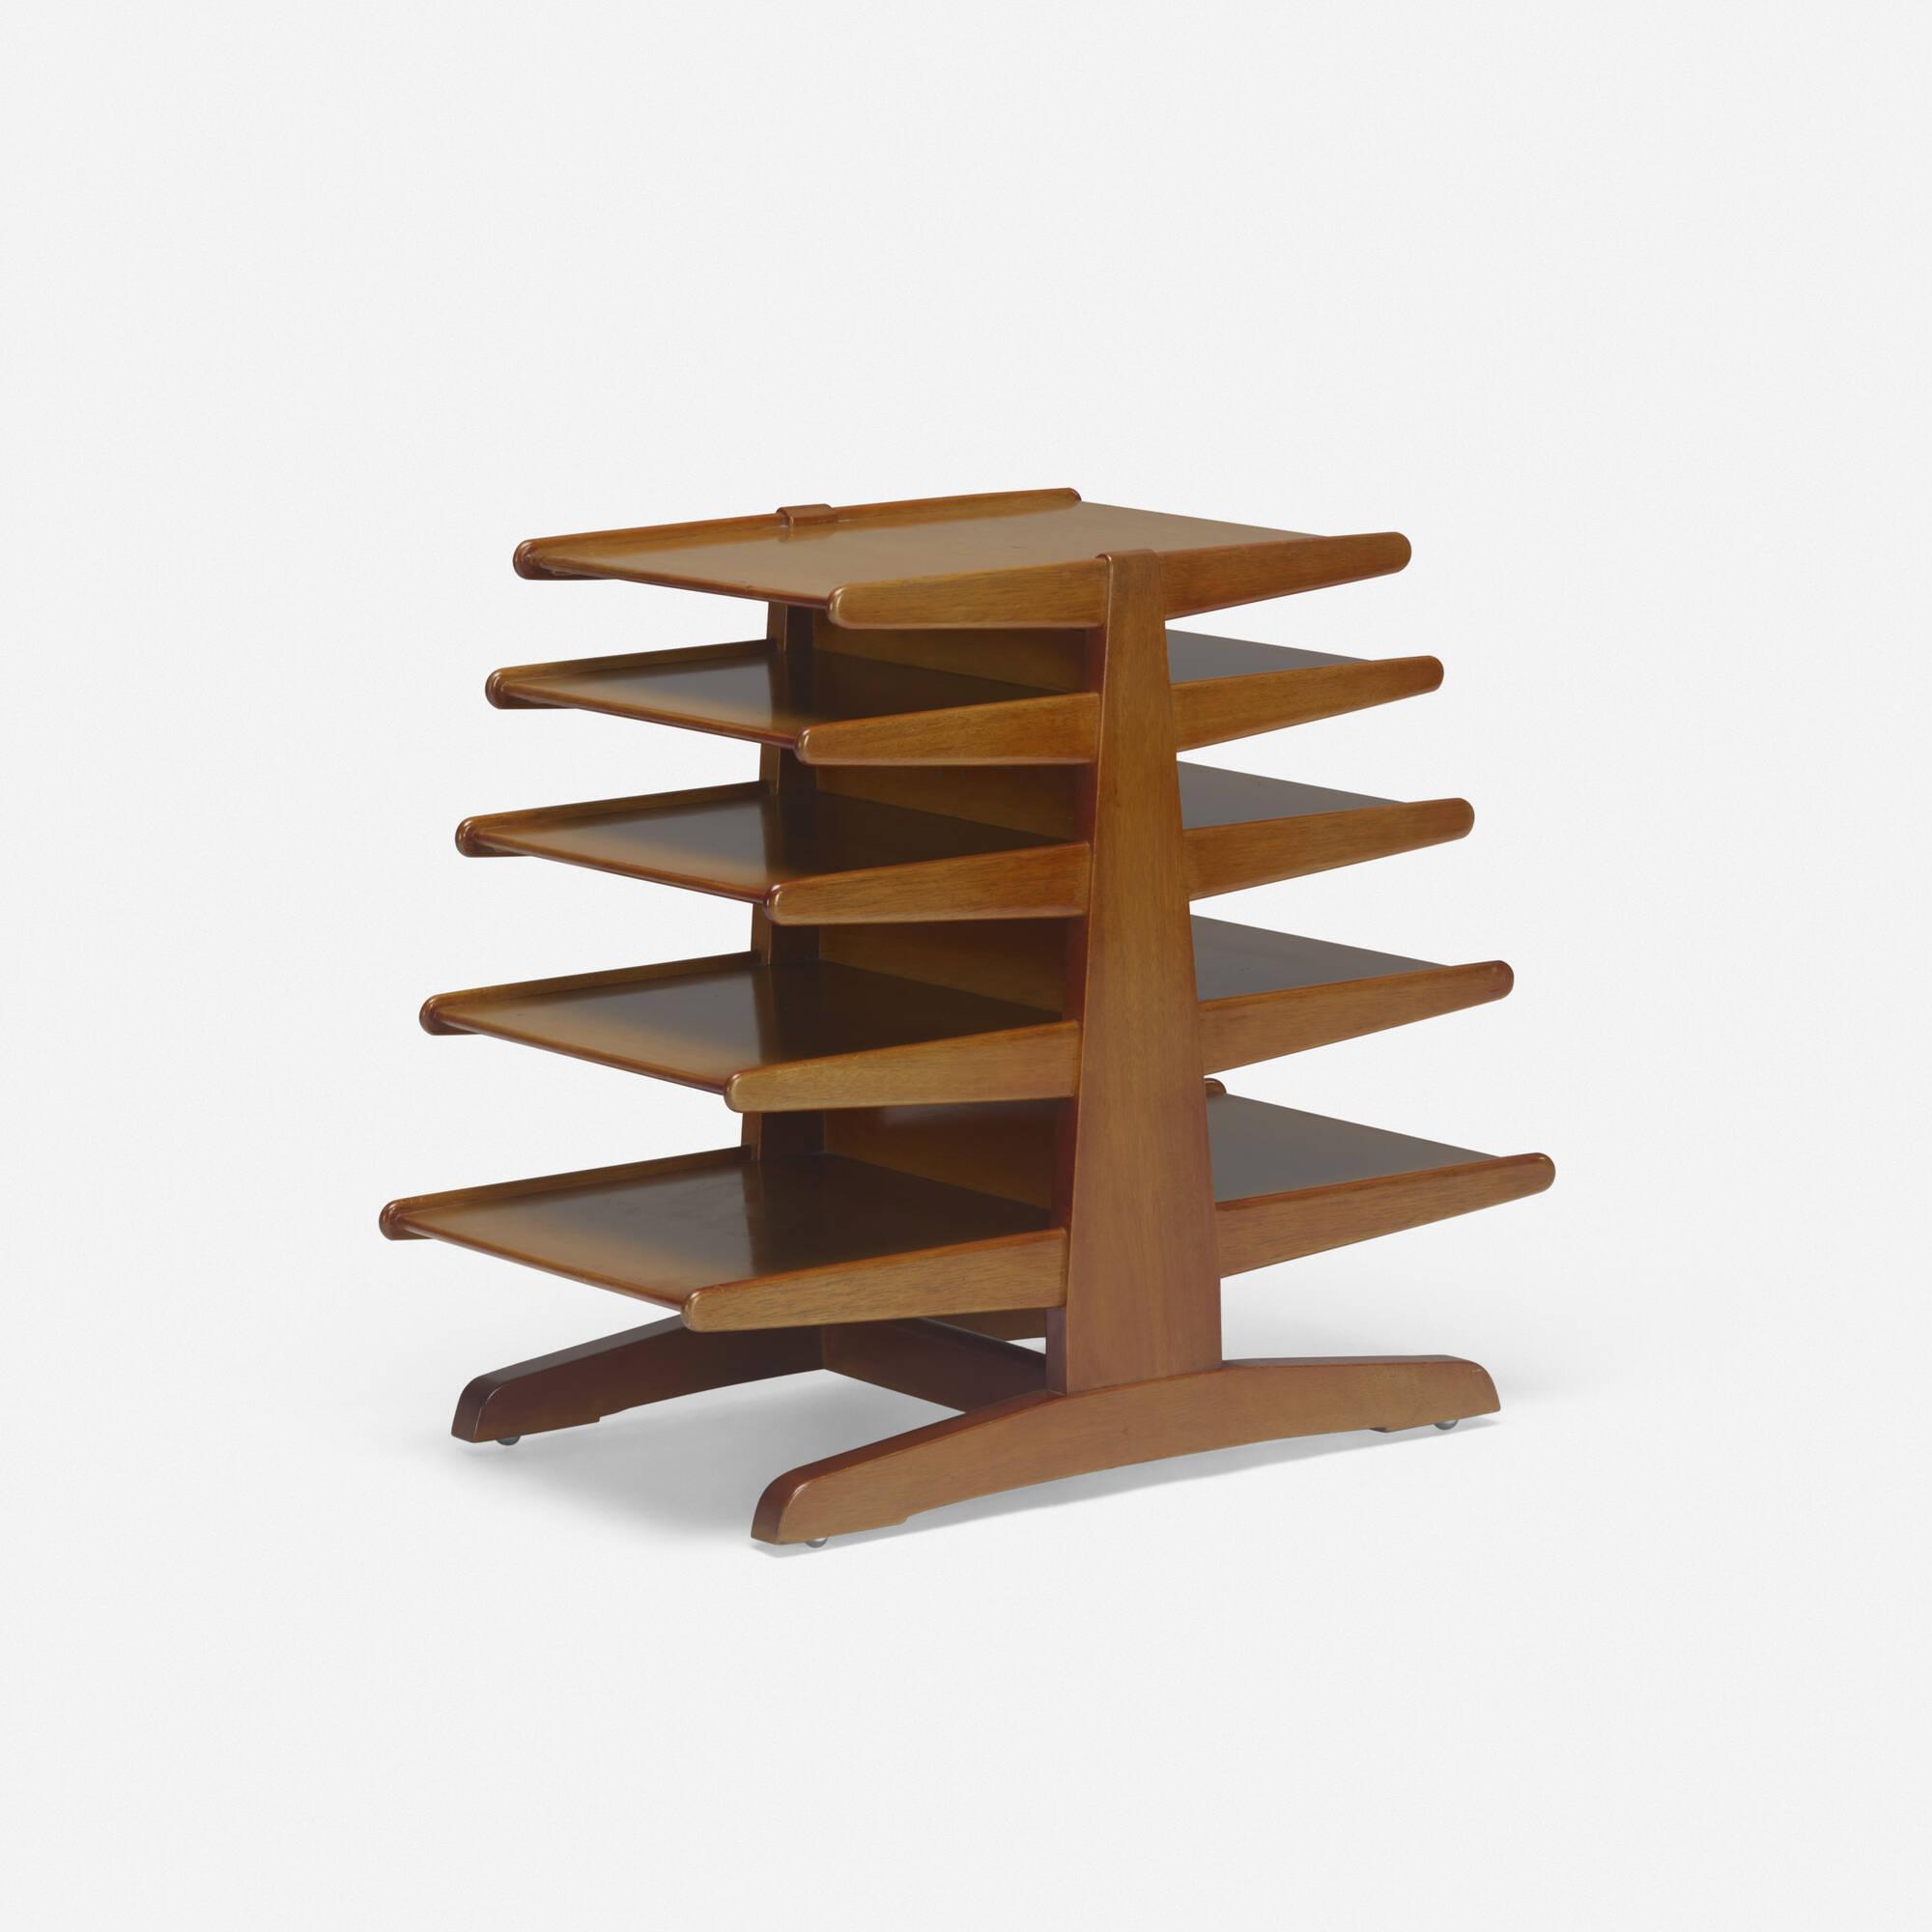 378: Edward Wormley / magazine tree, model 4765 (1 of 1)